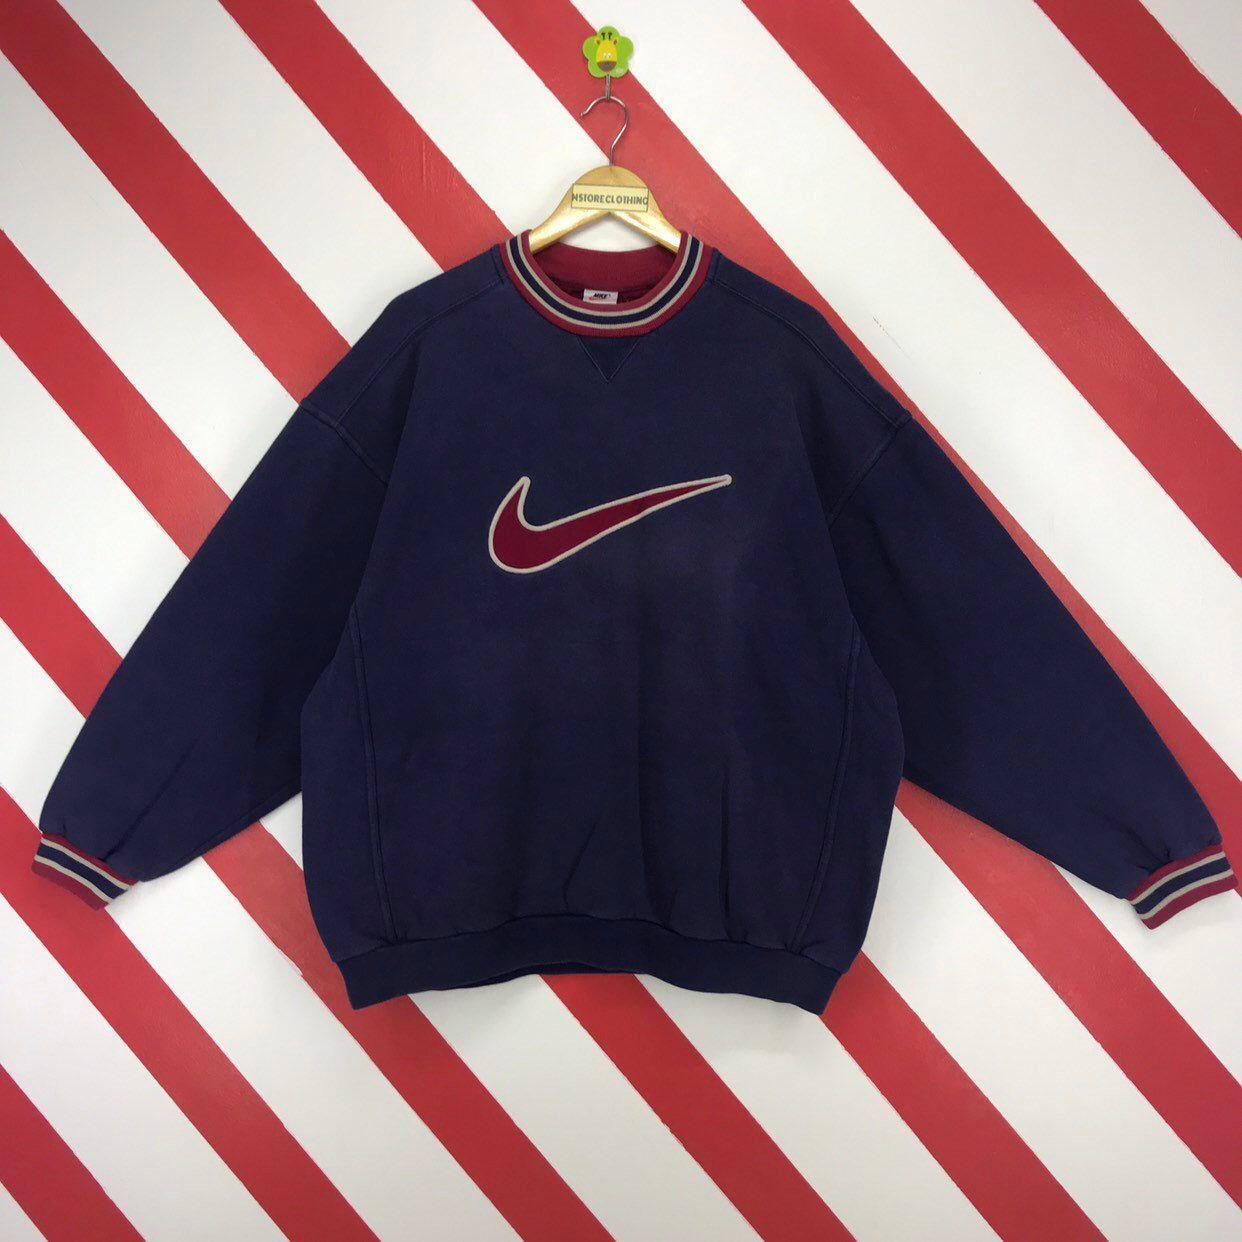 adidas Herren Vintage Sweatshirt günstig kaufen | eBay